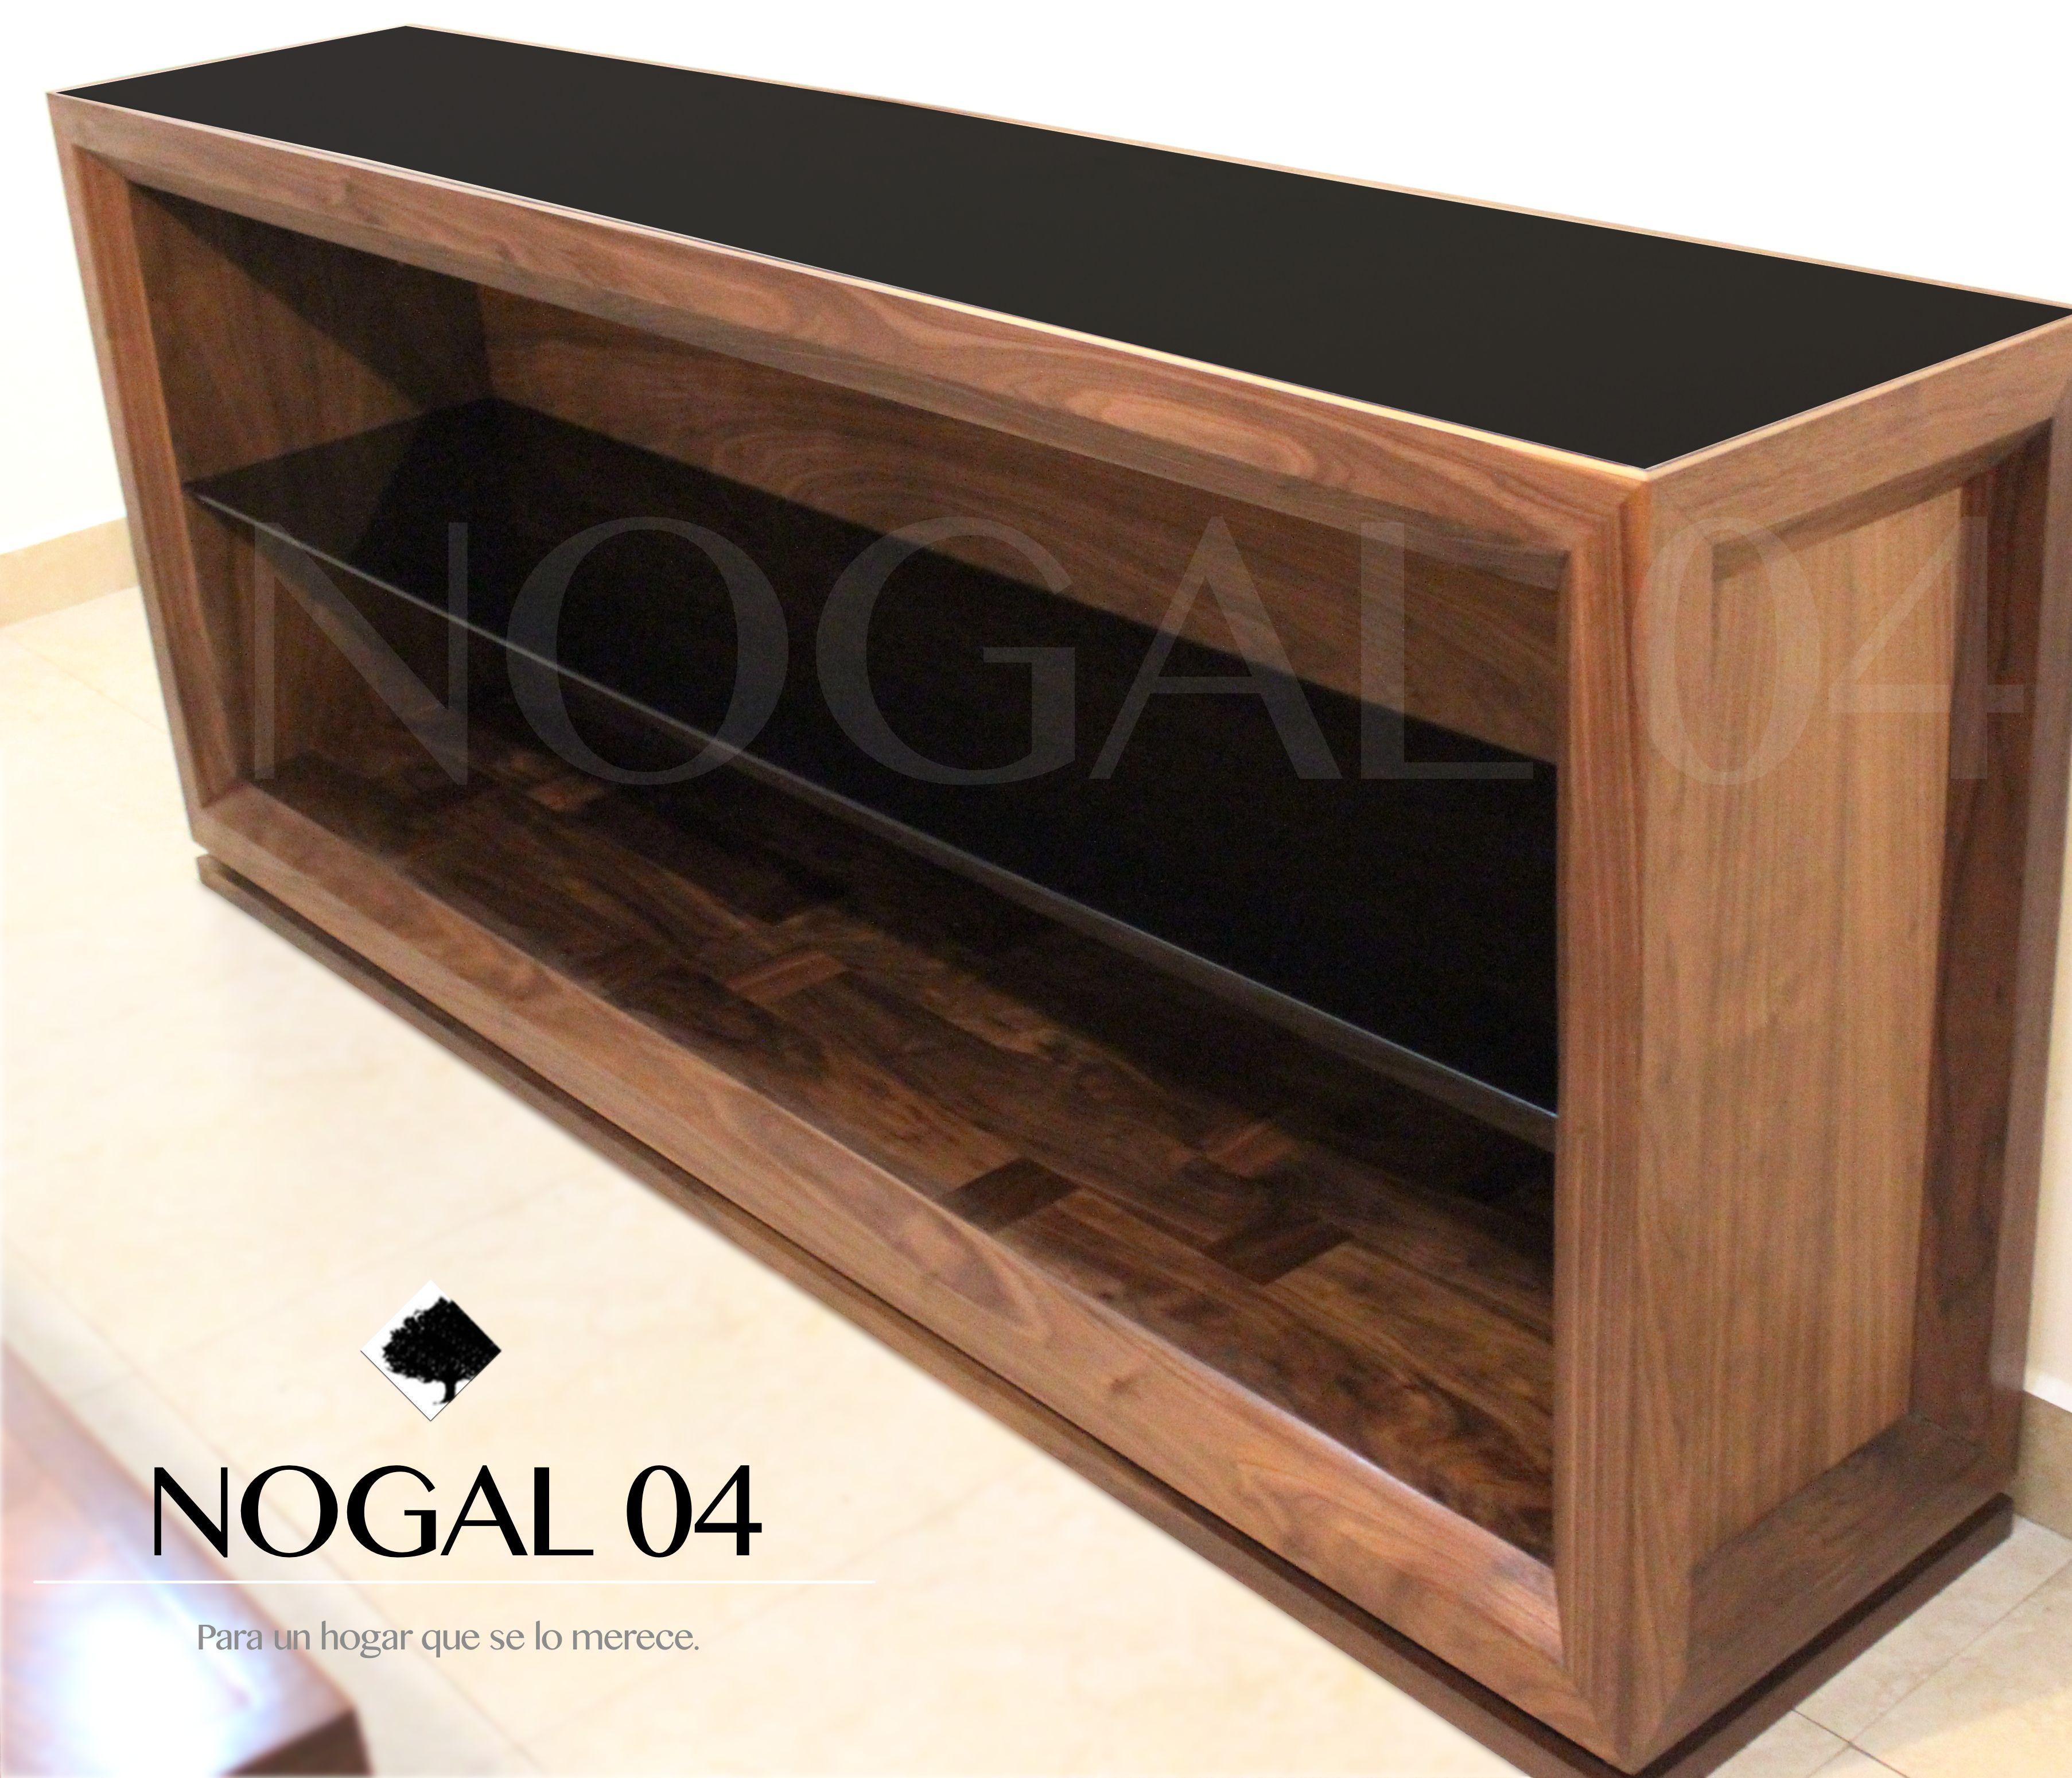 Credenza de madera s lida de nogal con vidrio templado for Muebles de comedor en vidrio